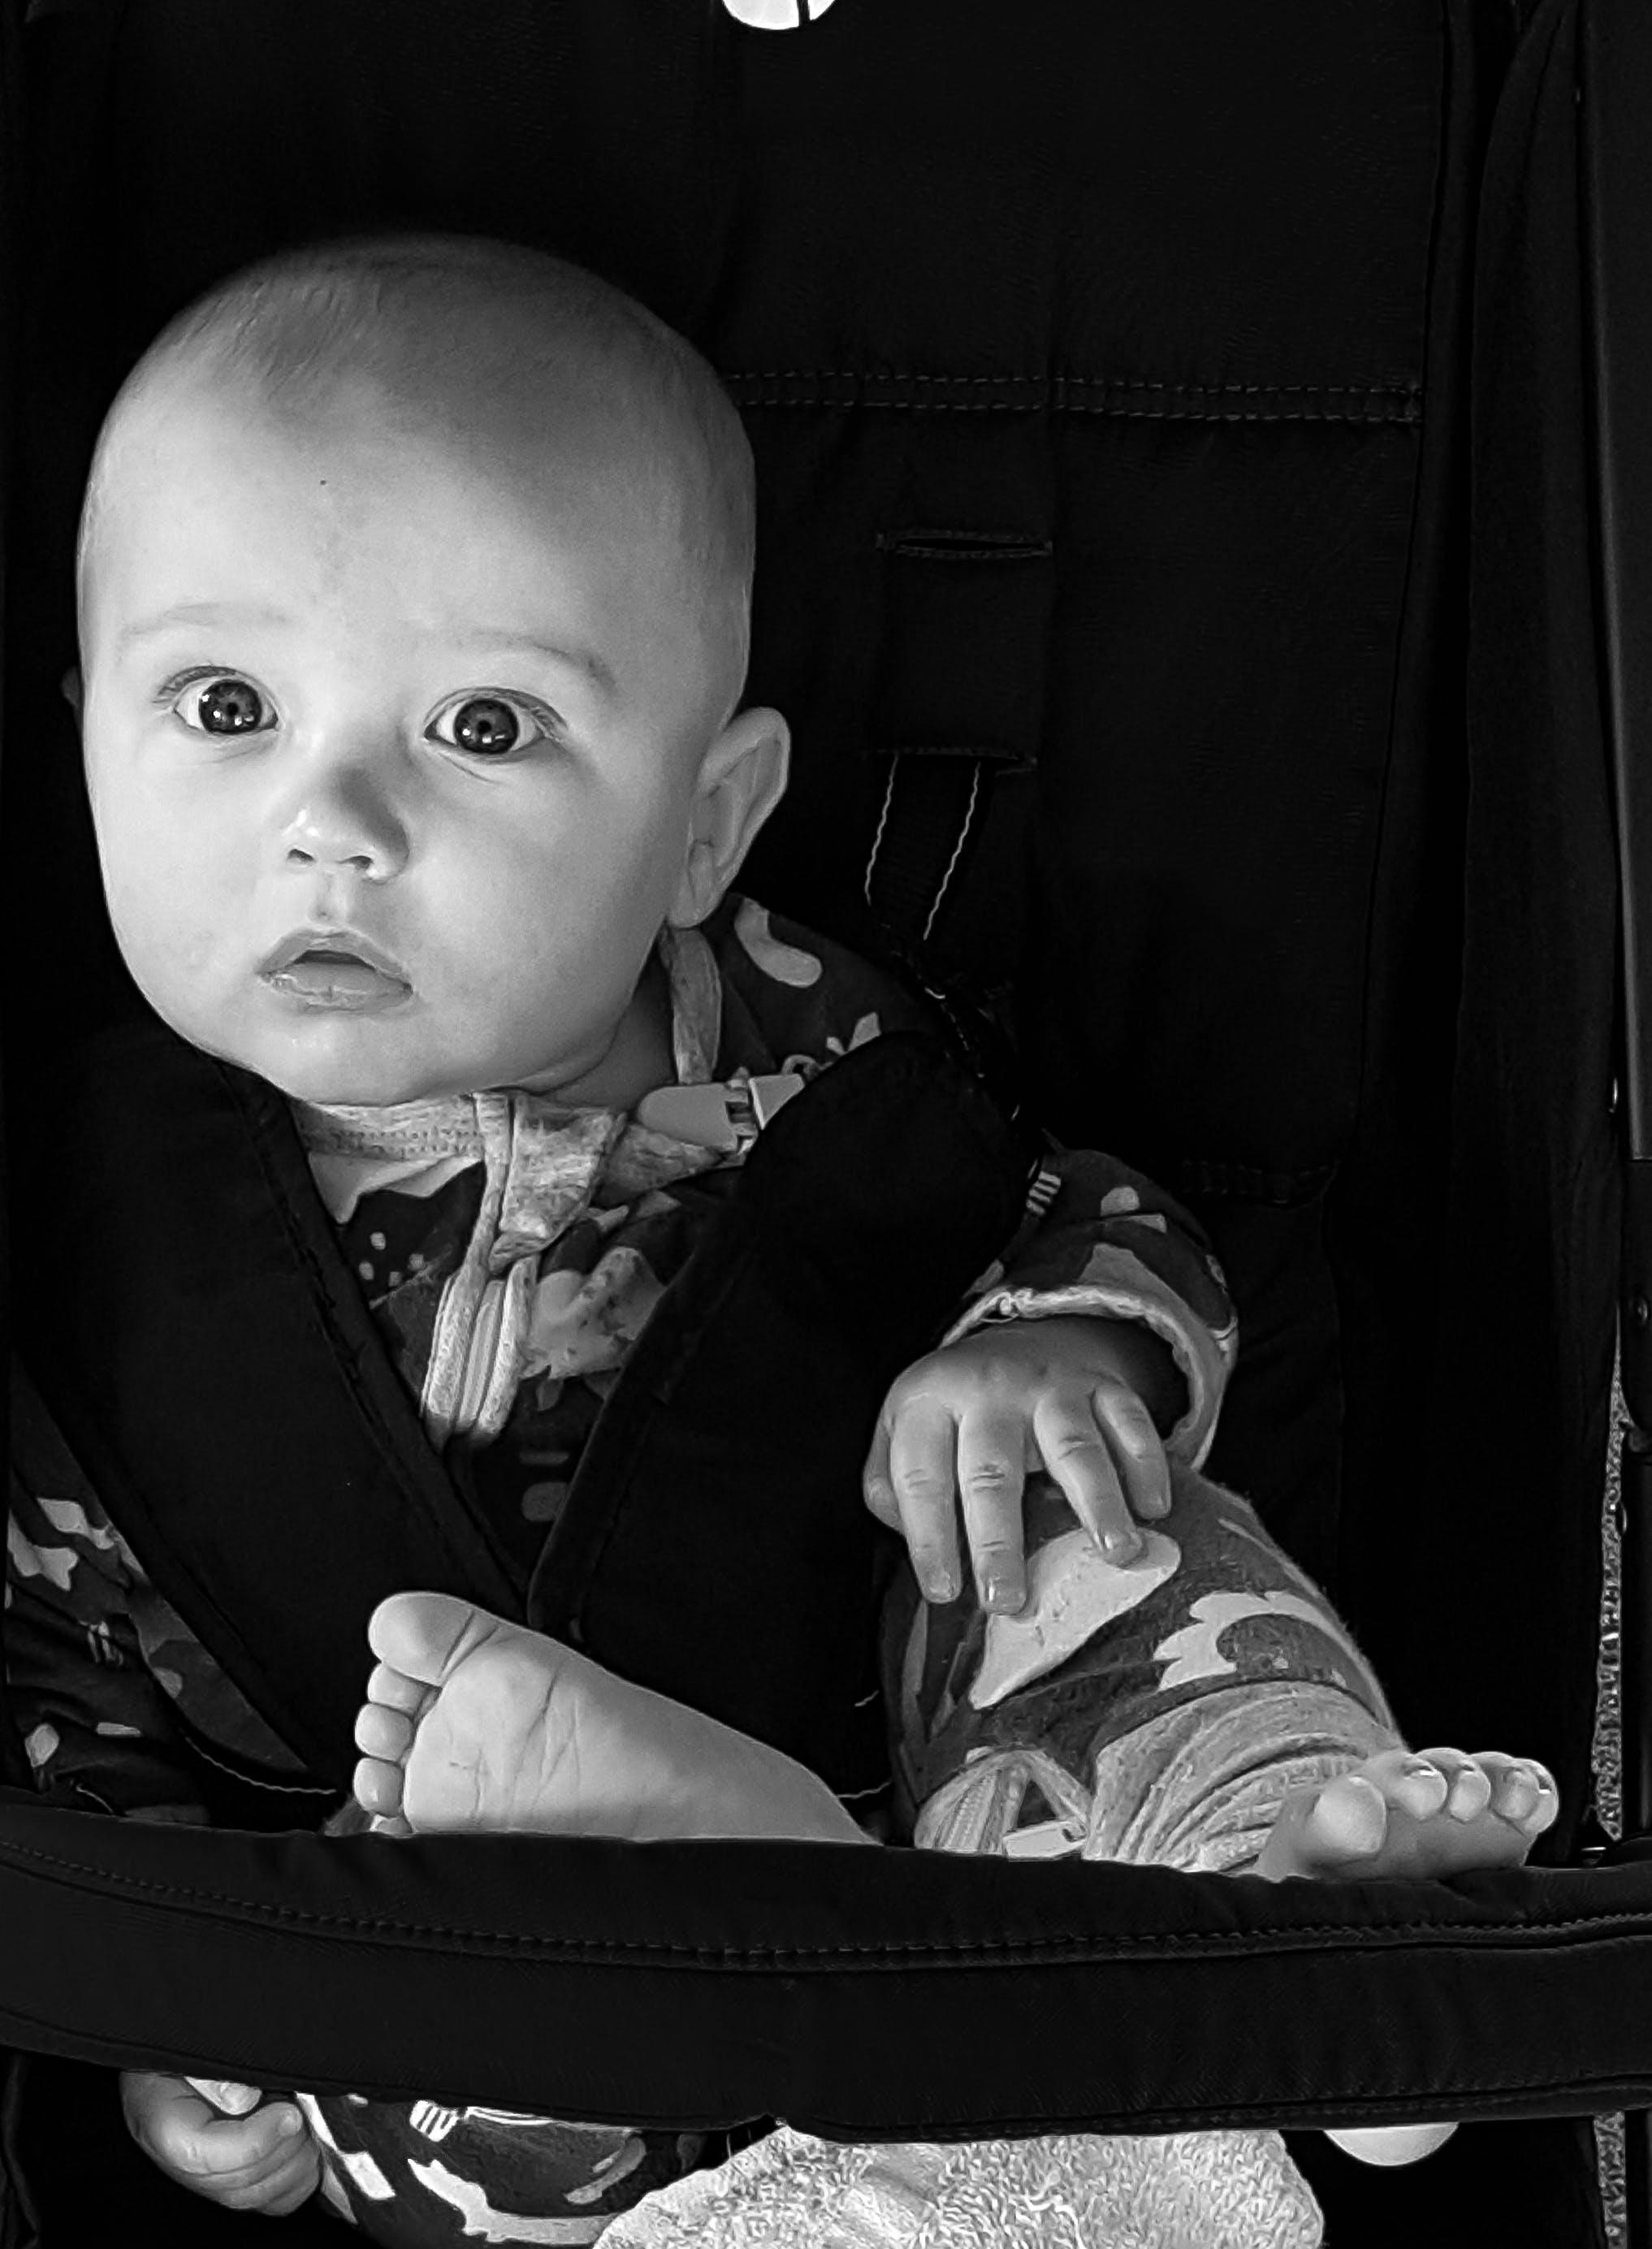 Immagine gratuita di 6 mesi, avviso, bambino, bianco e nero